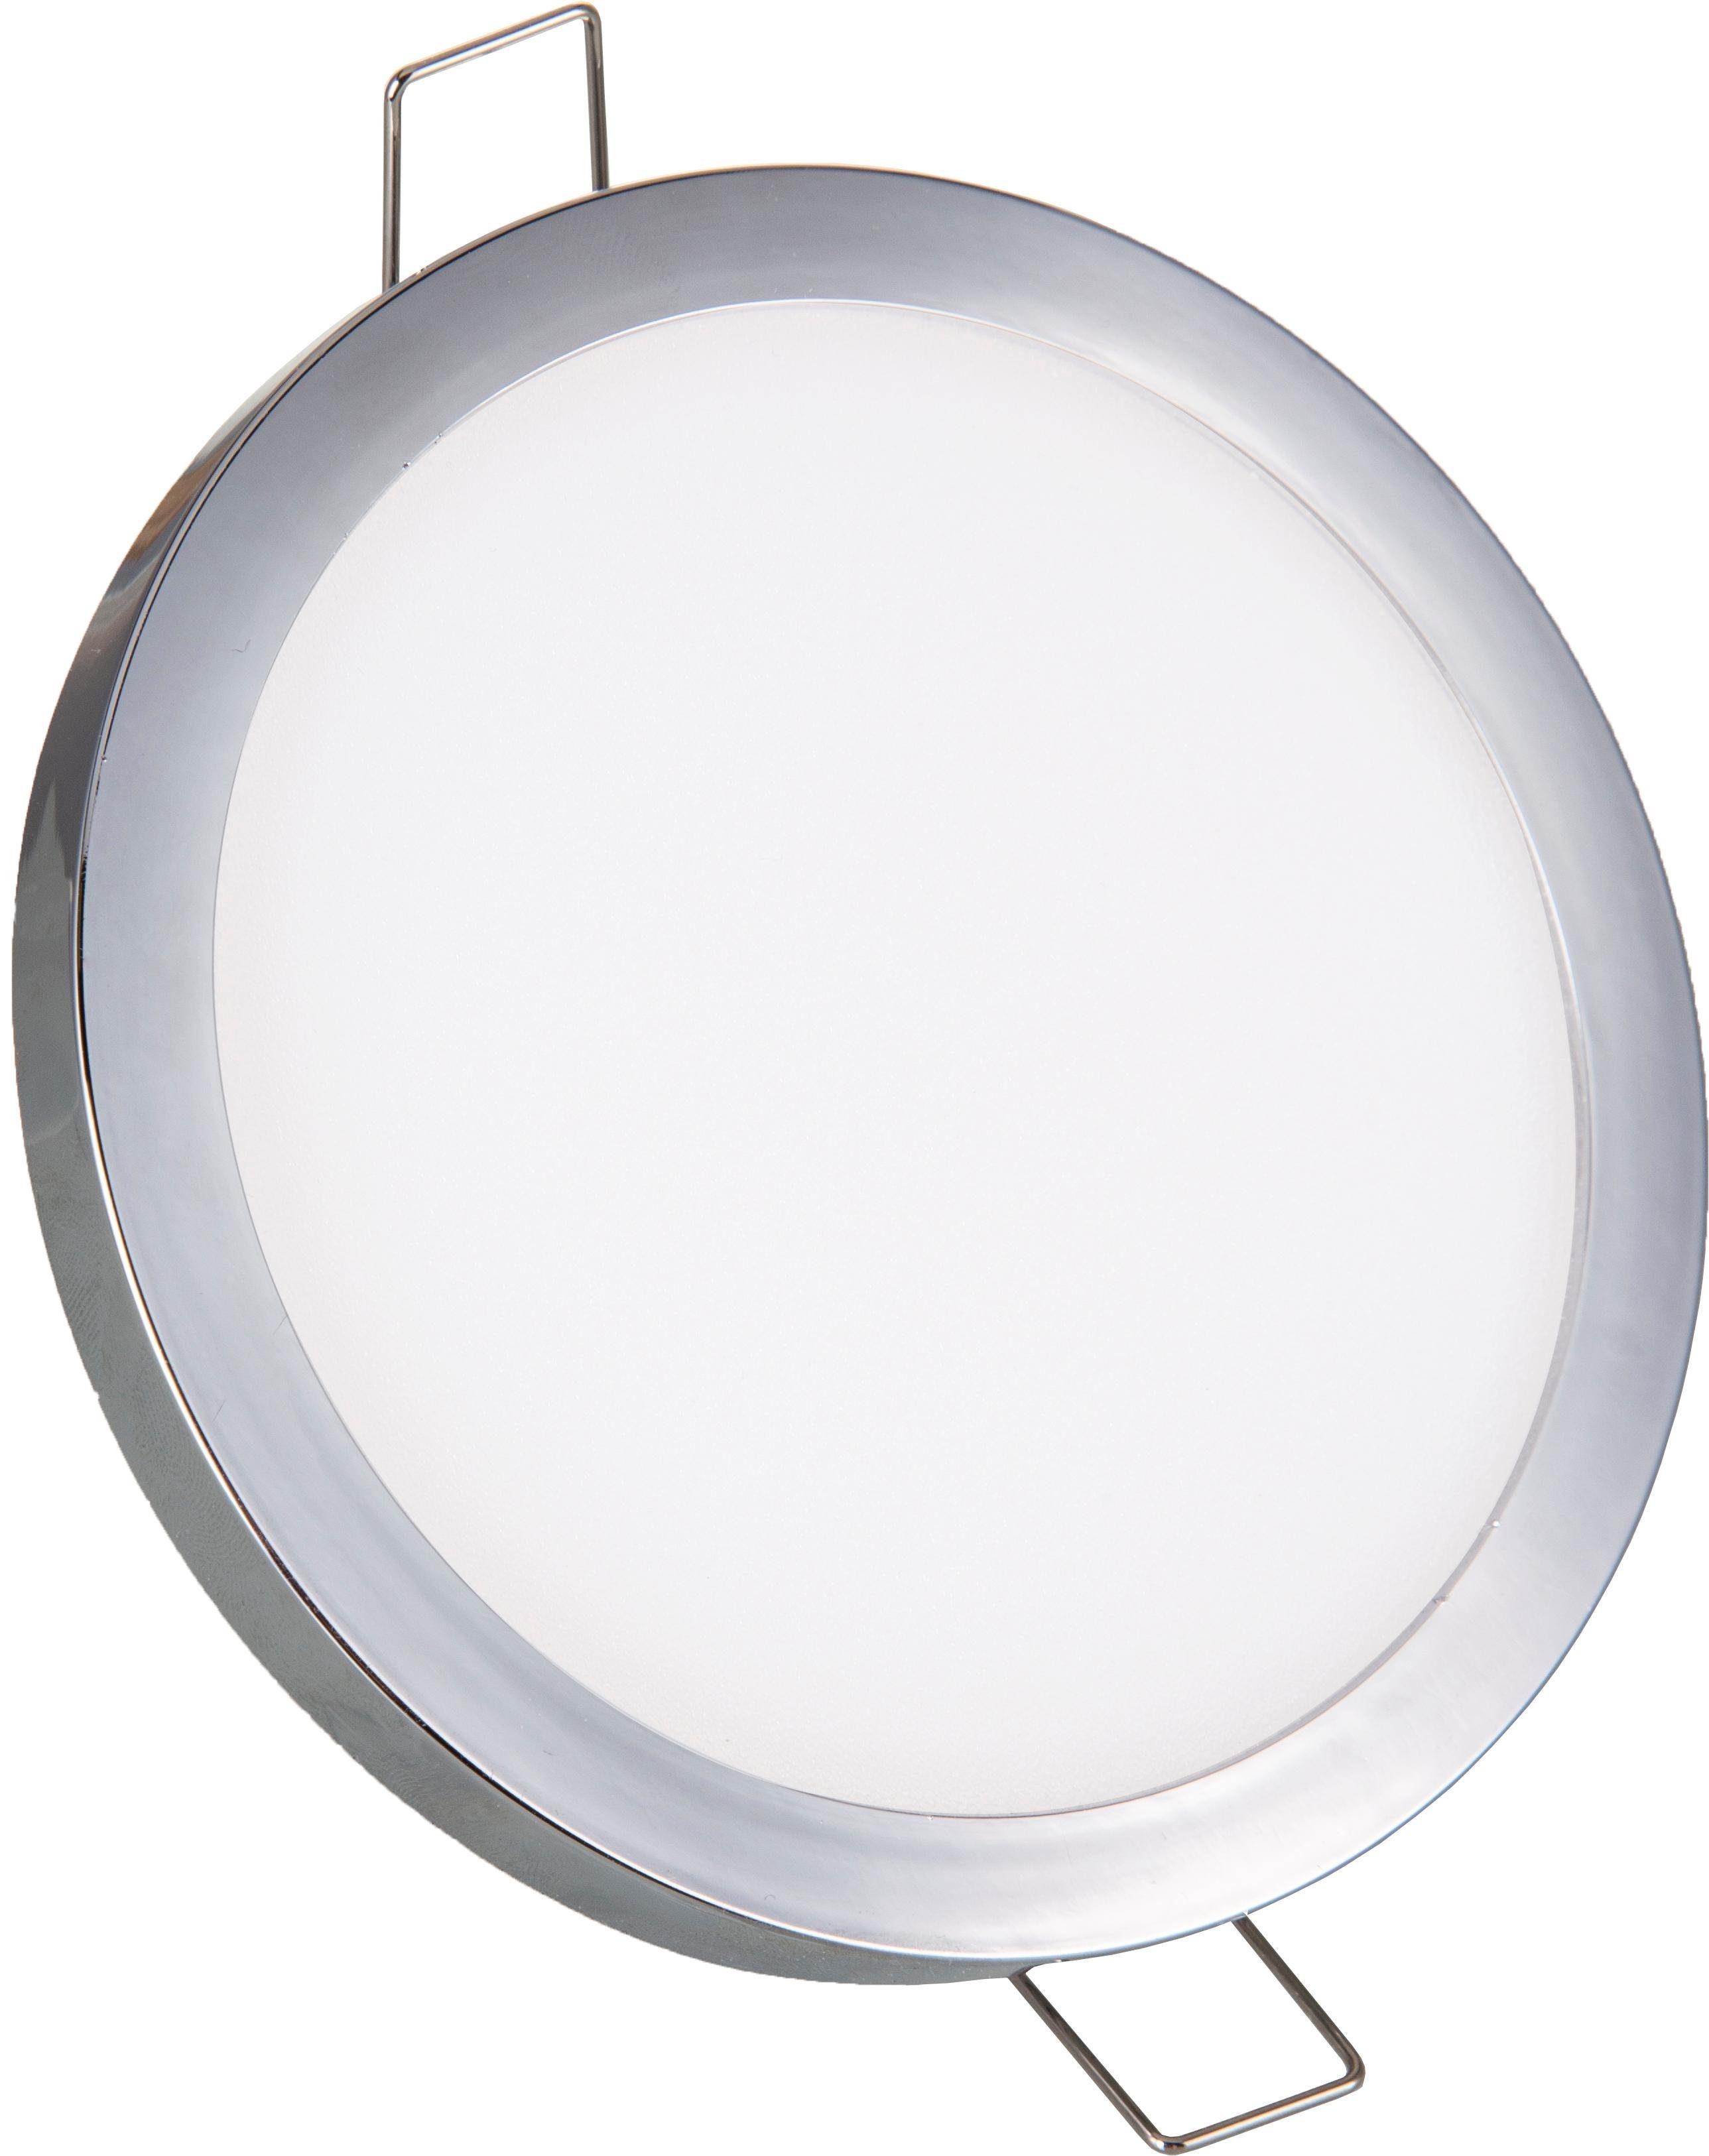 Nino Leuchten,LED Einbaustrahler Sparky